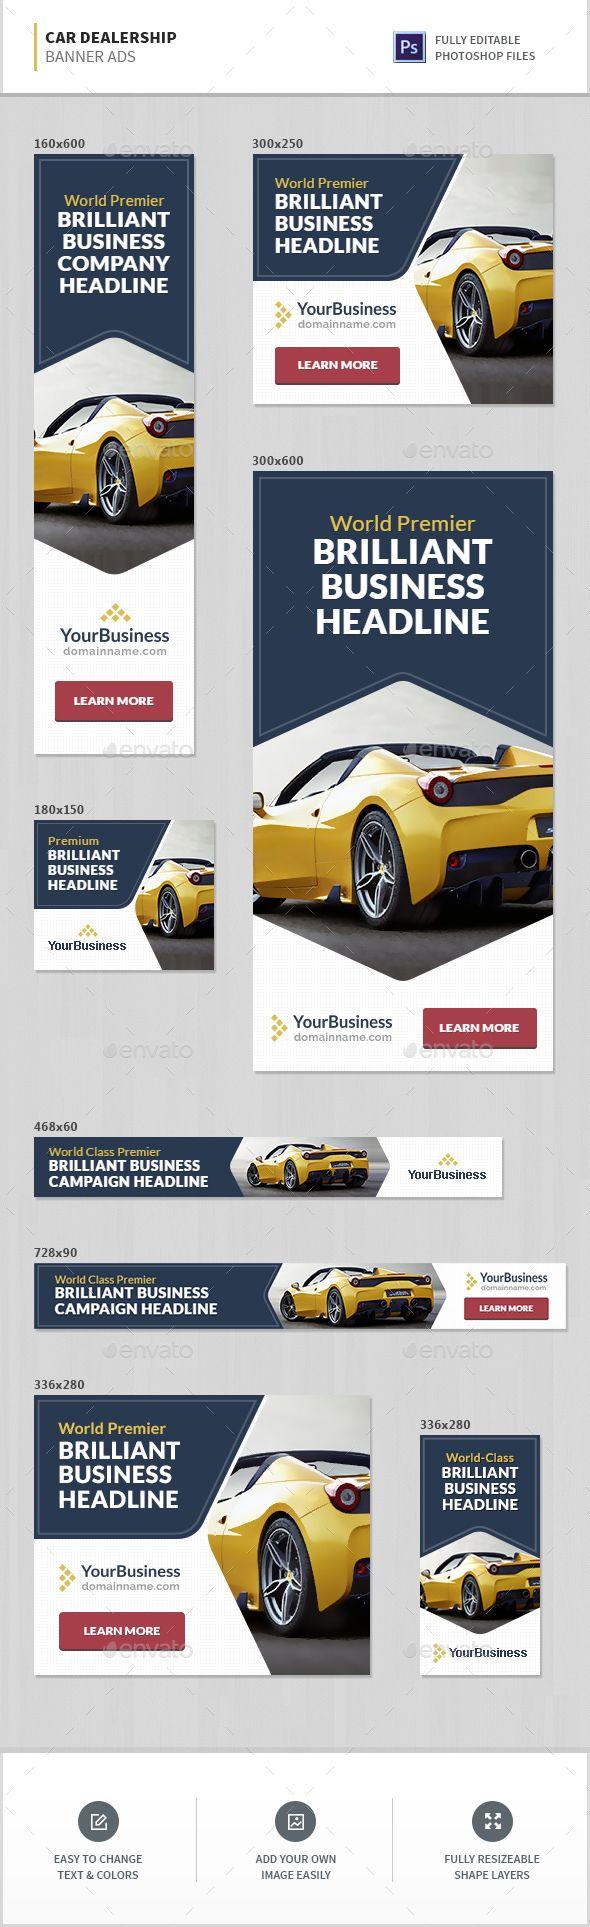 Car Dealership Banner Ads